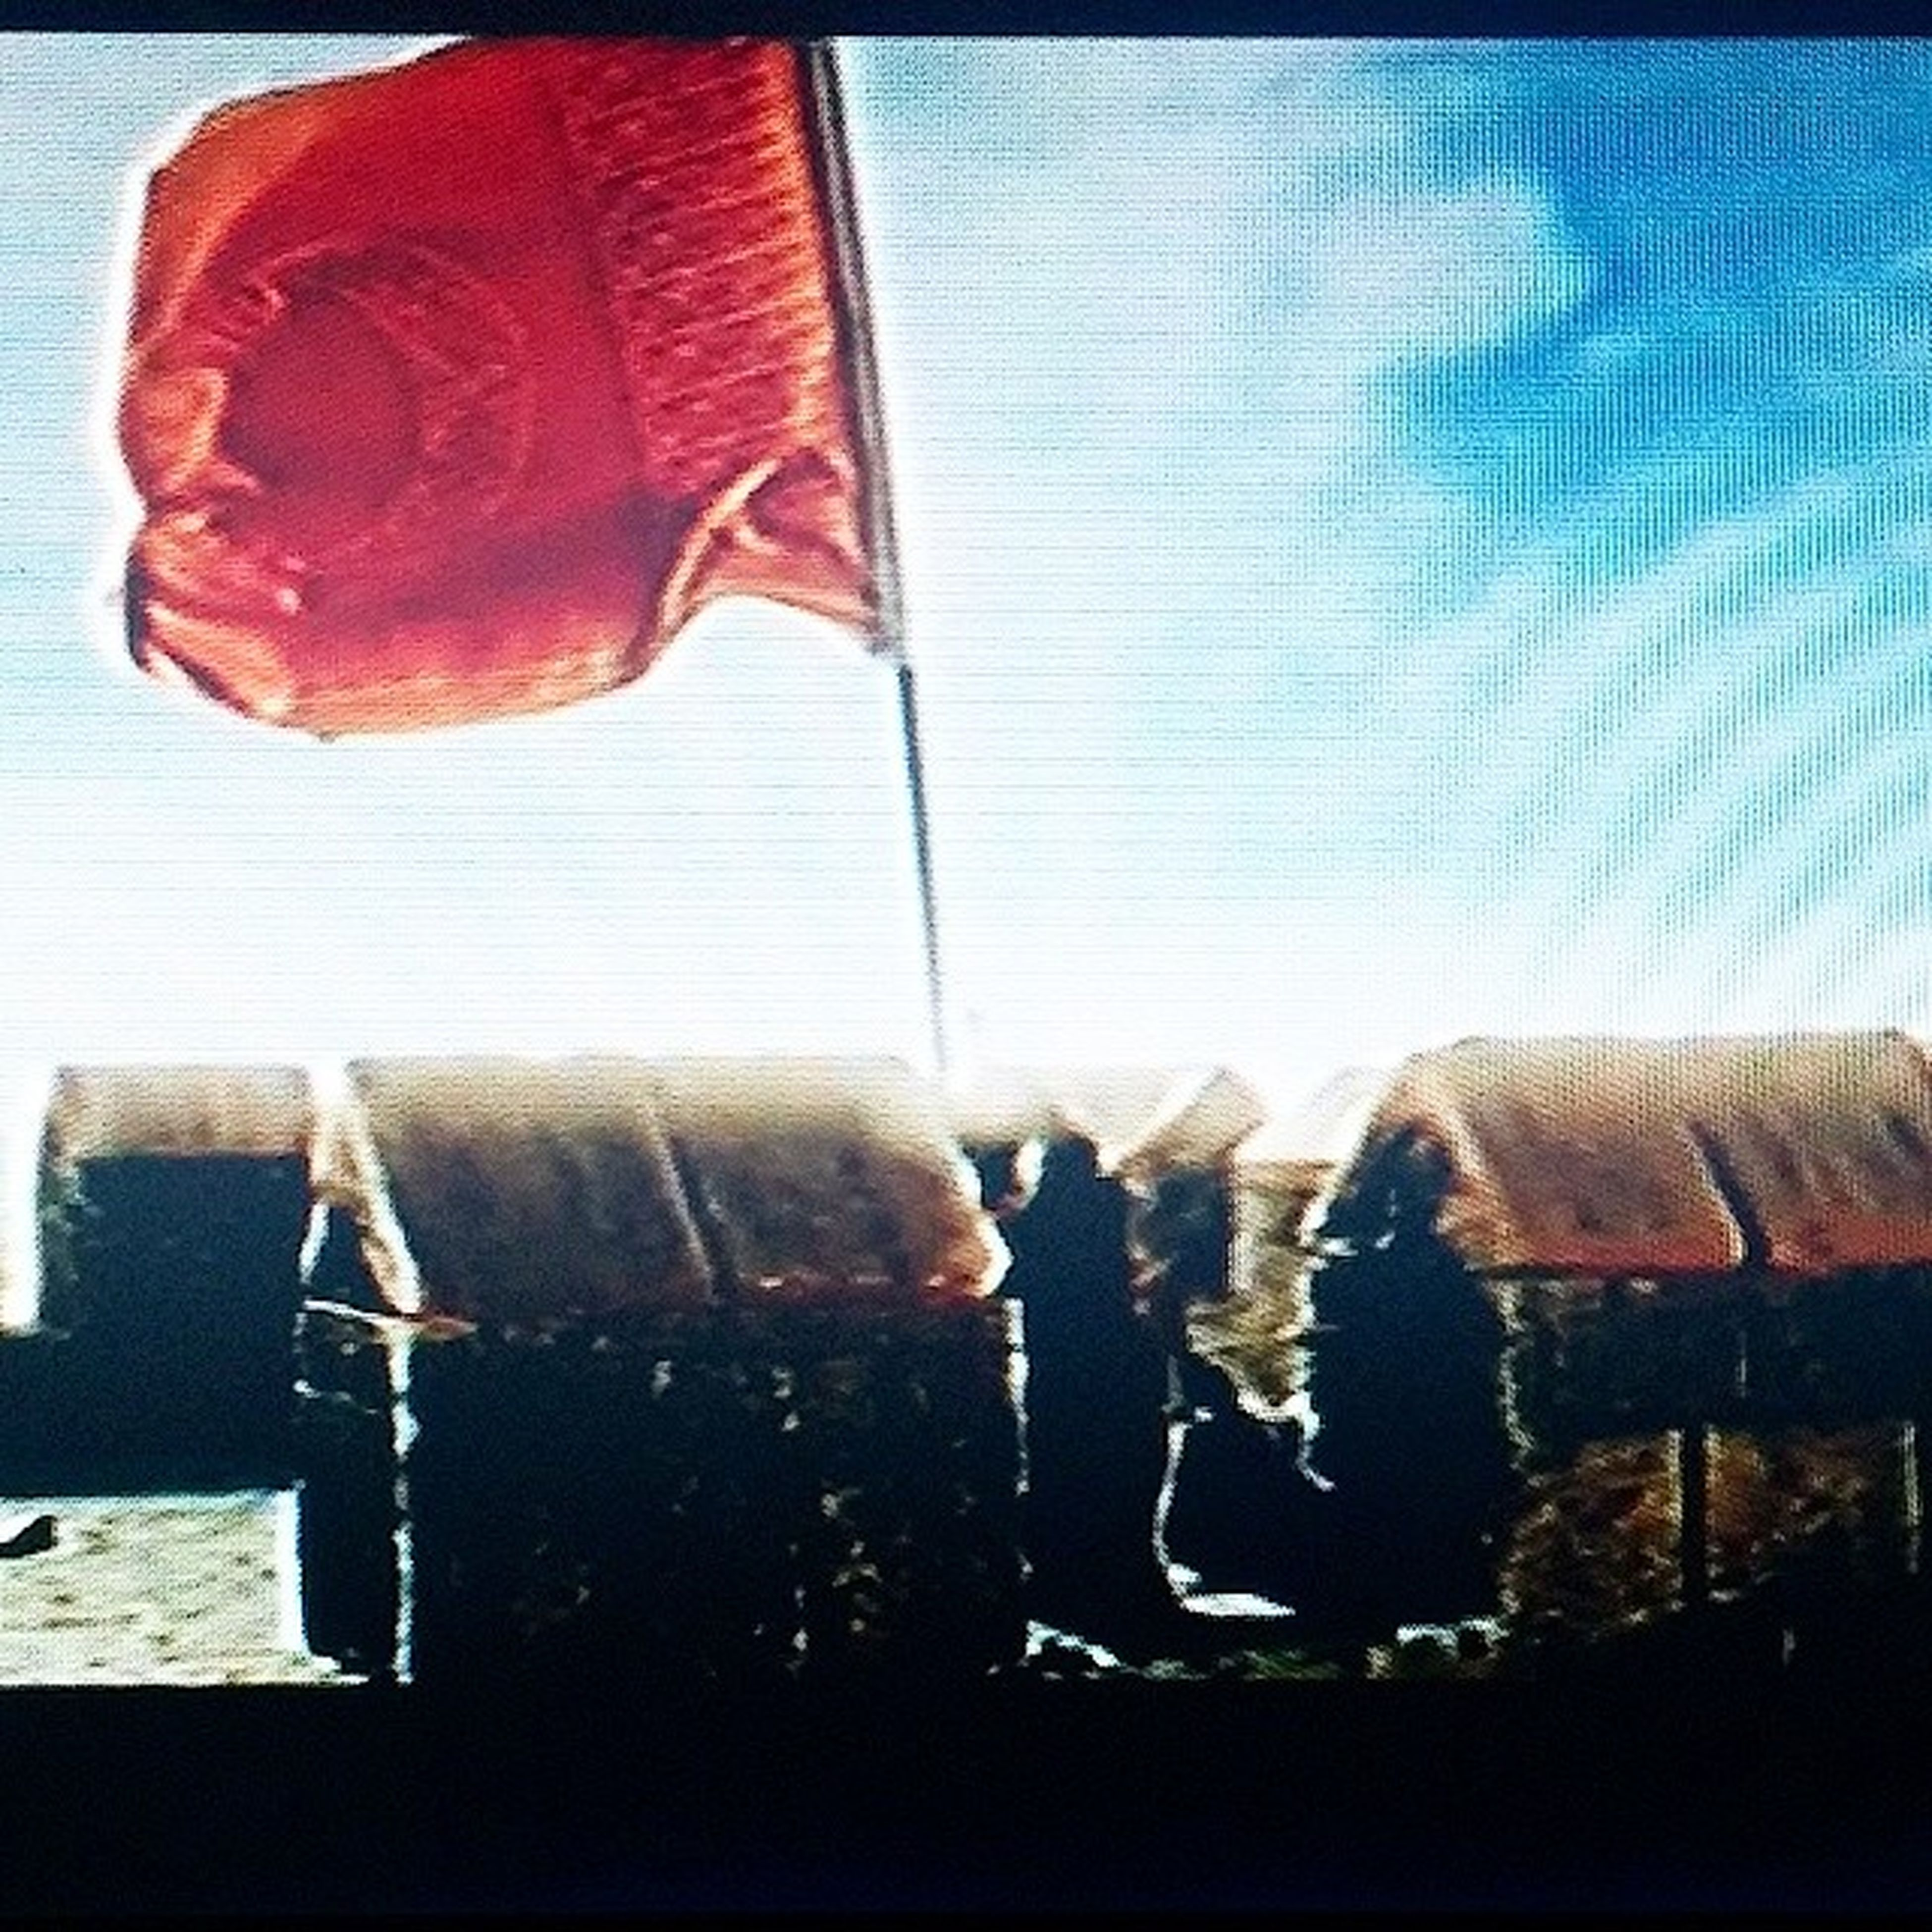 Bayraklari Bayrak Yapan Uzerindeki kandirtoprakugrundaolenvarsavatandirdirenfilistinyenidendunyayahukmedecegimizgunlercokyakinda...